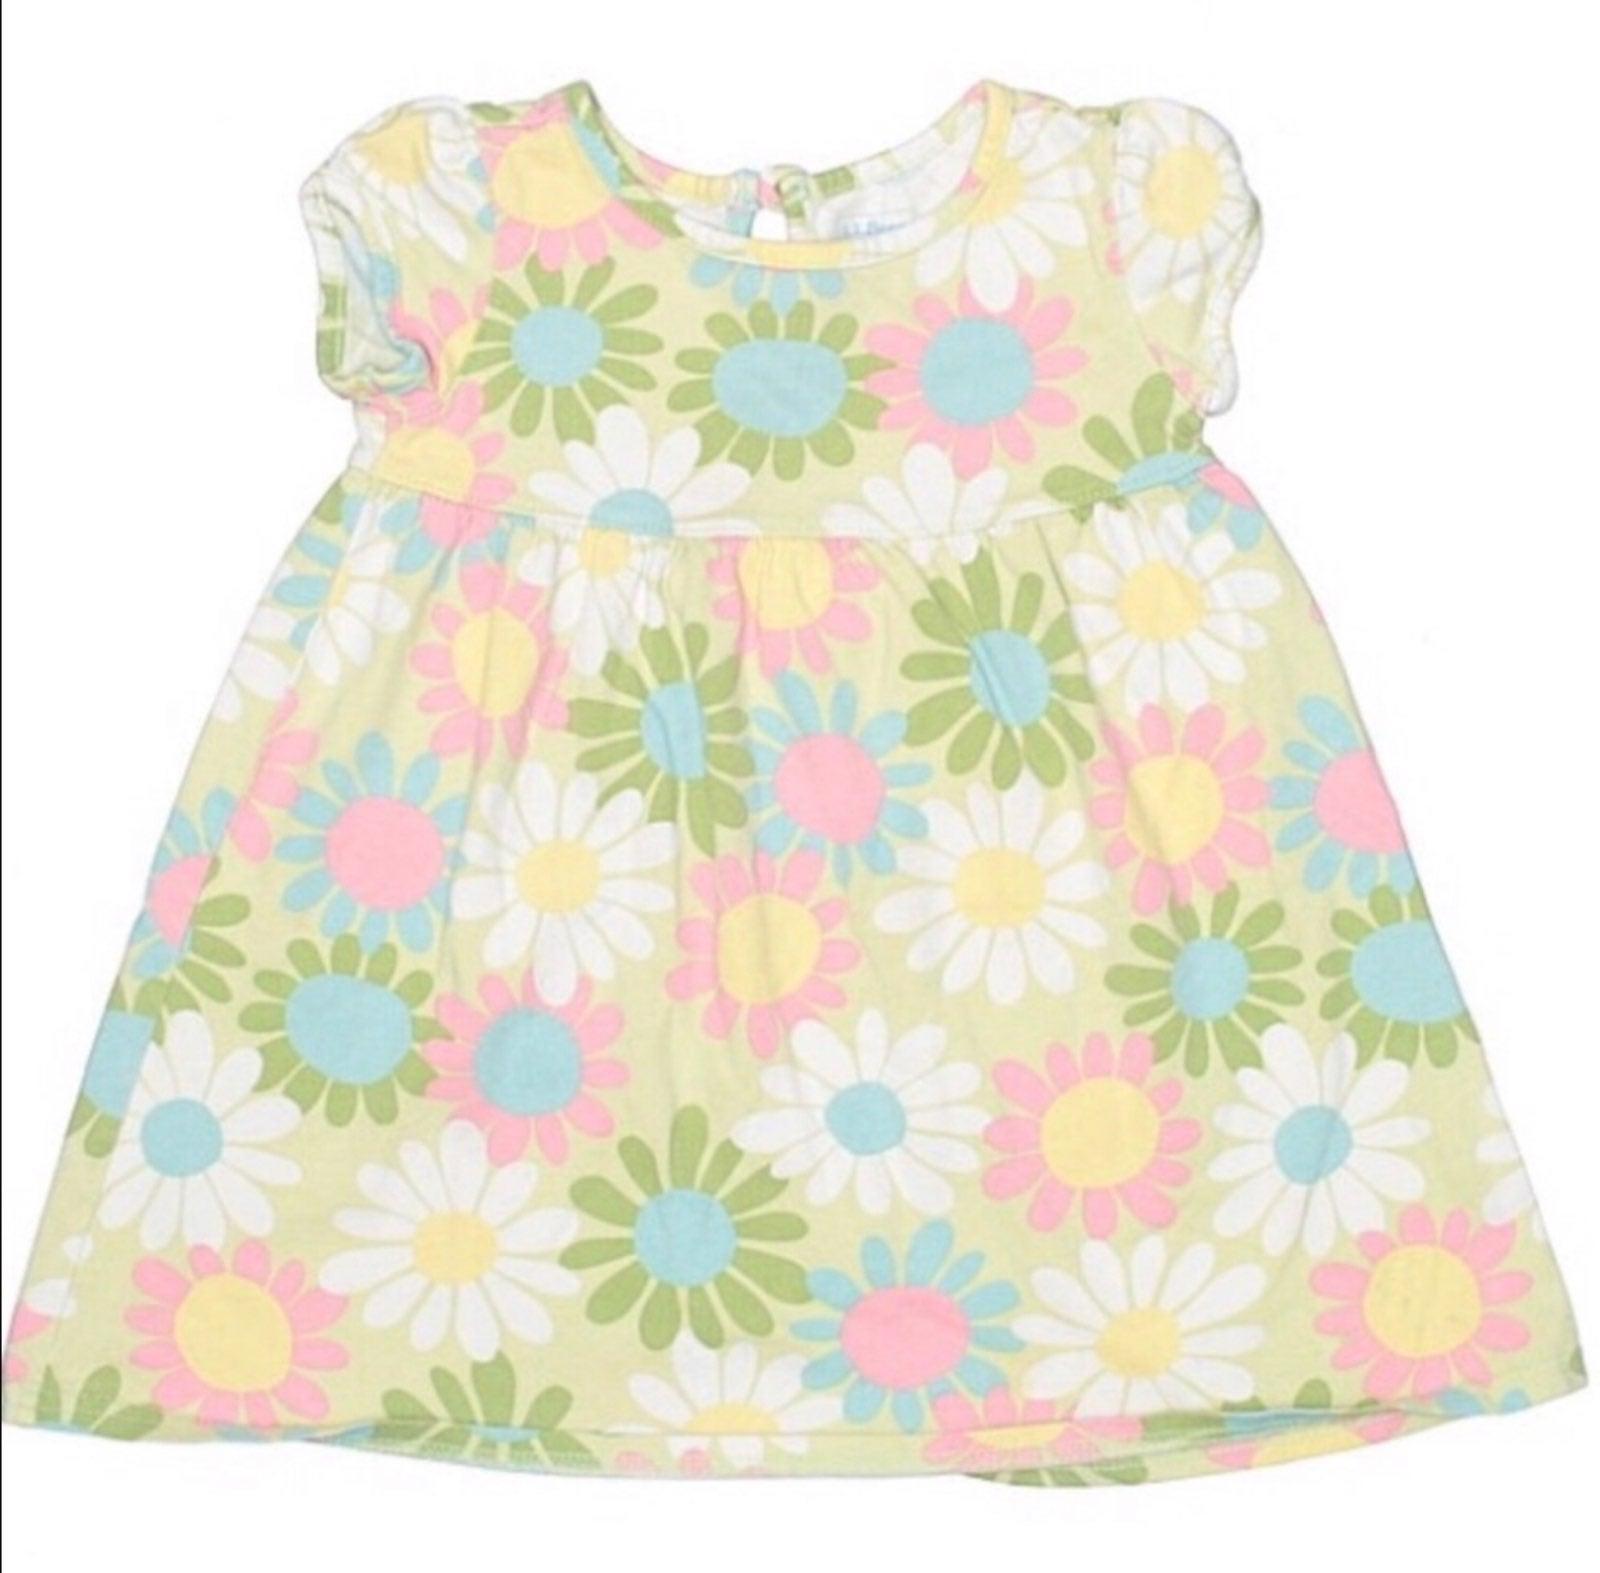 L.L. Bean Mod Floral Sundress Size 2T